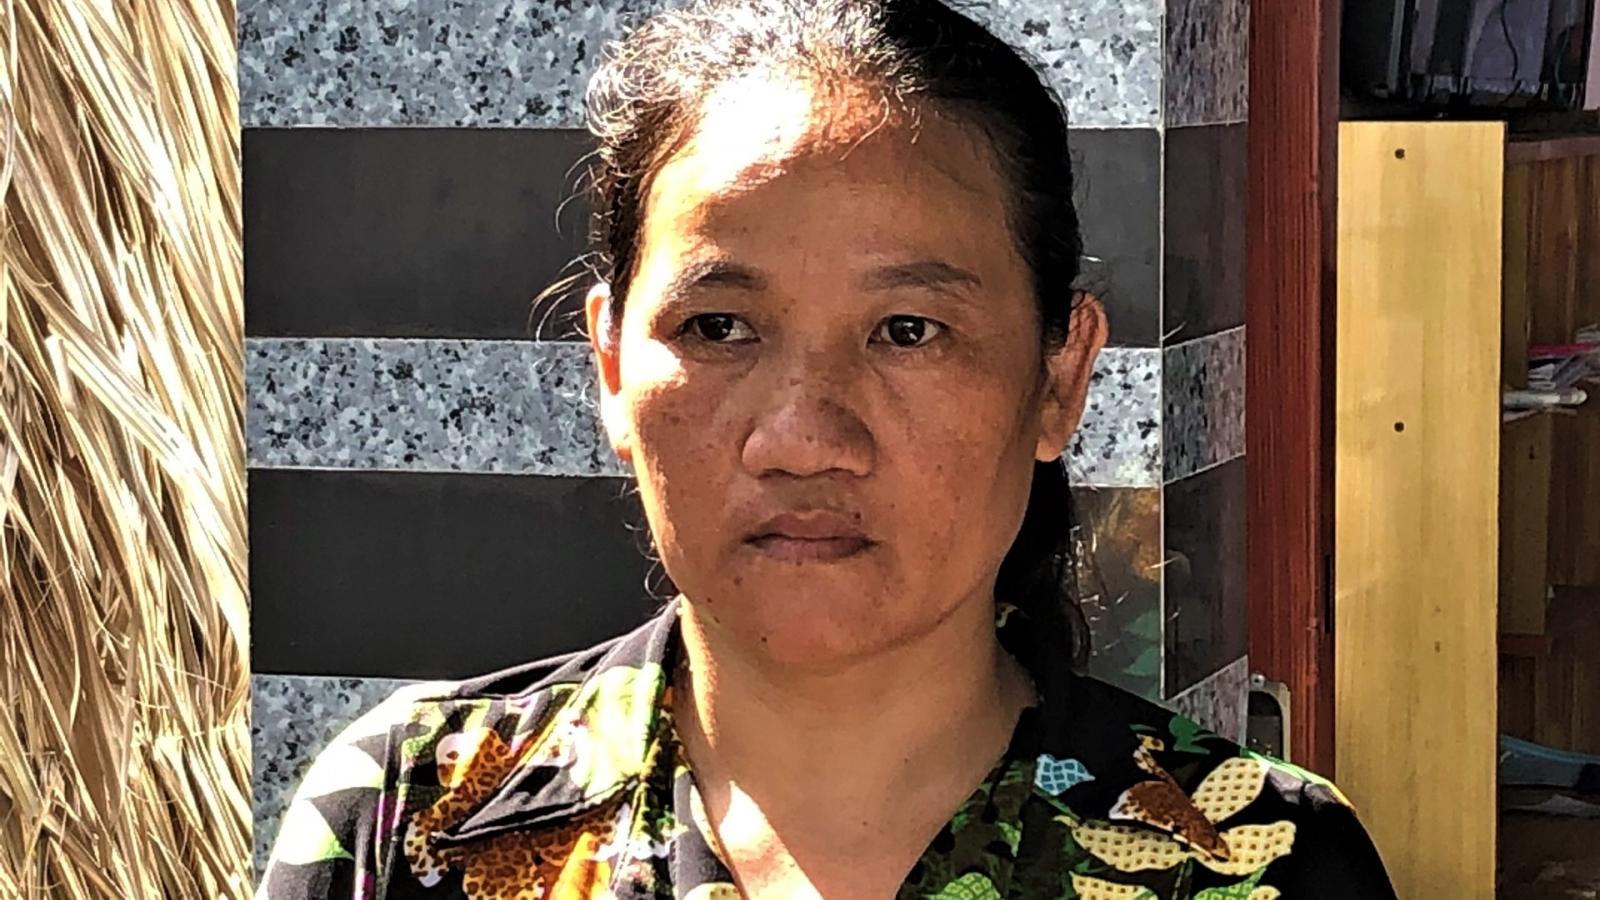 Nữ chủ hụi lừa đảo hơn 1 tỷ đồng bị bắt